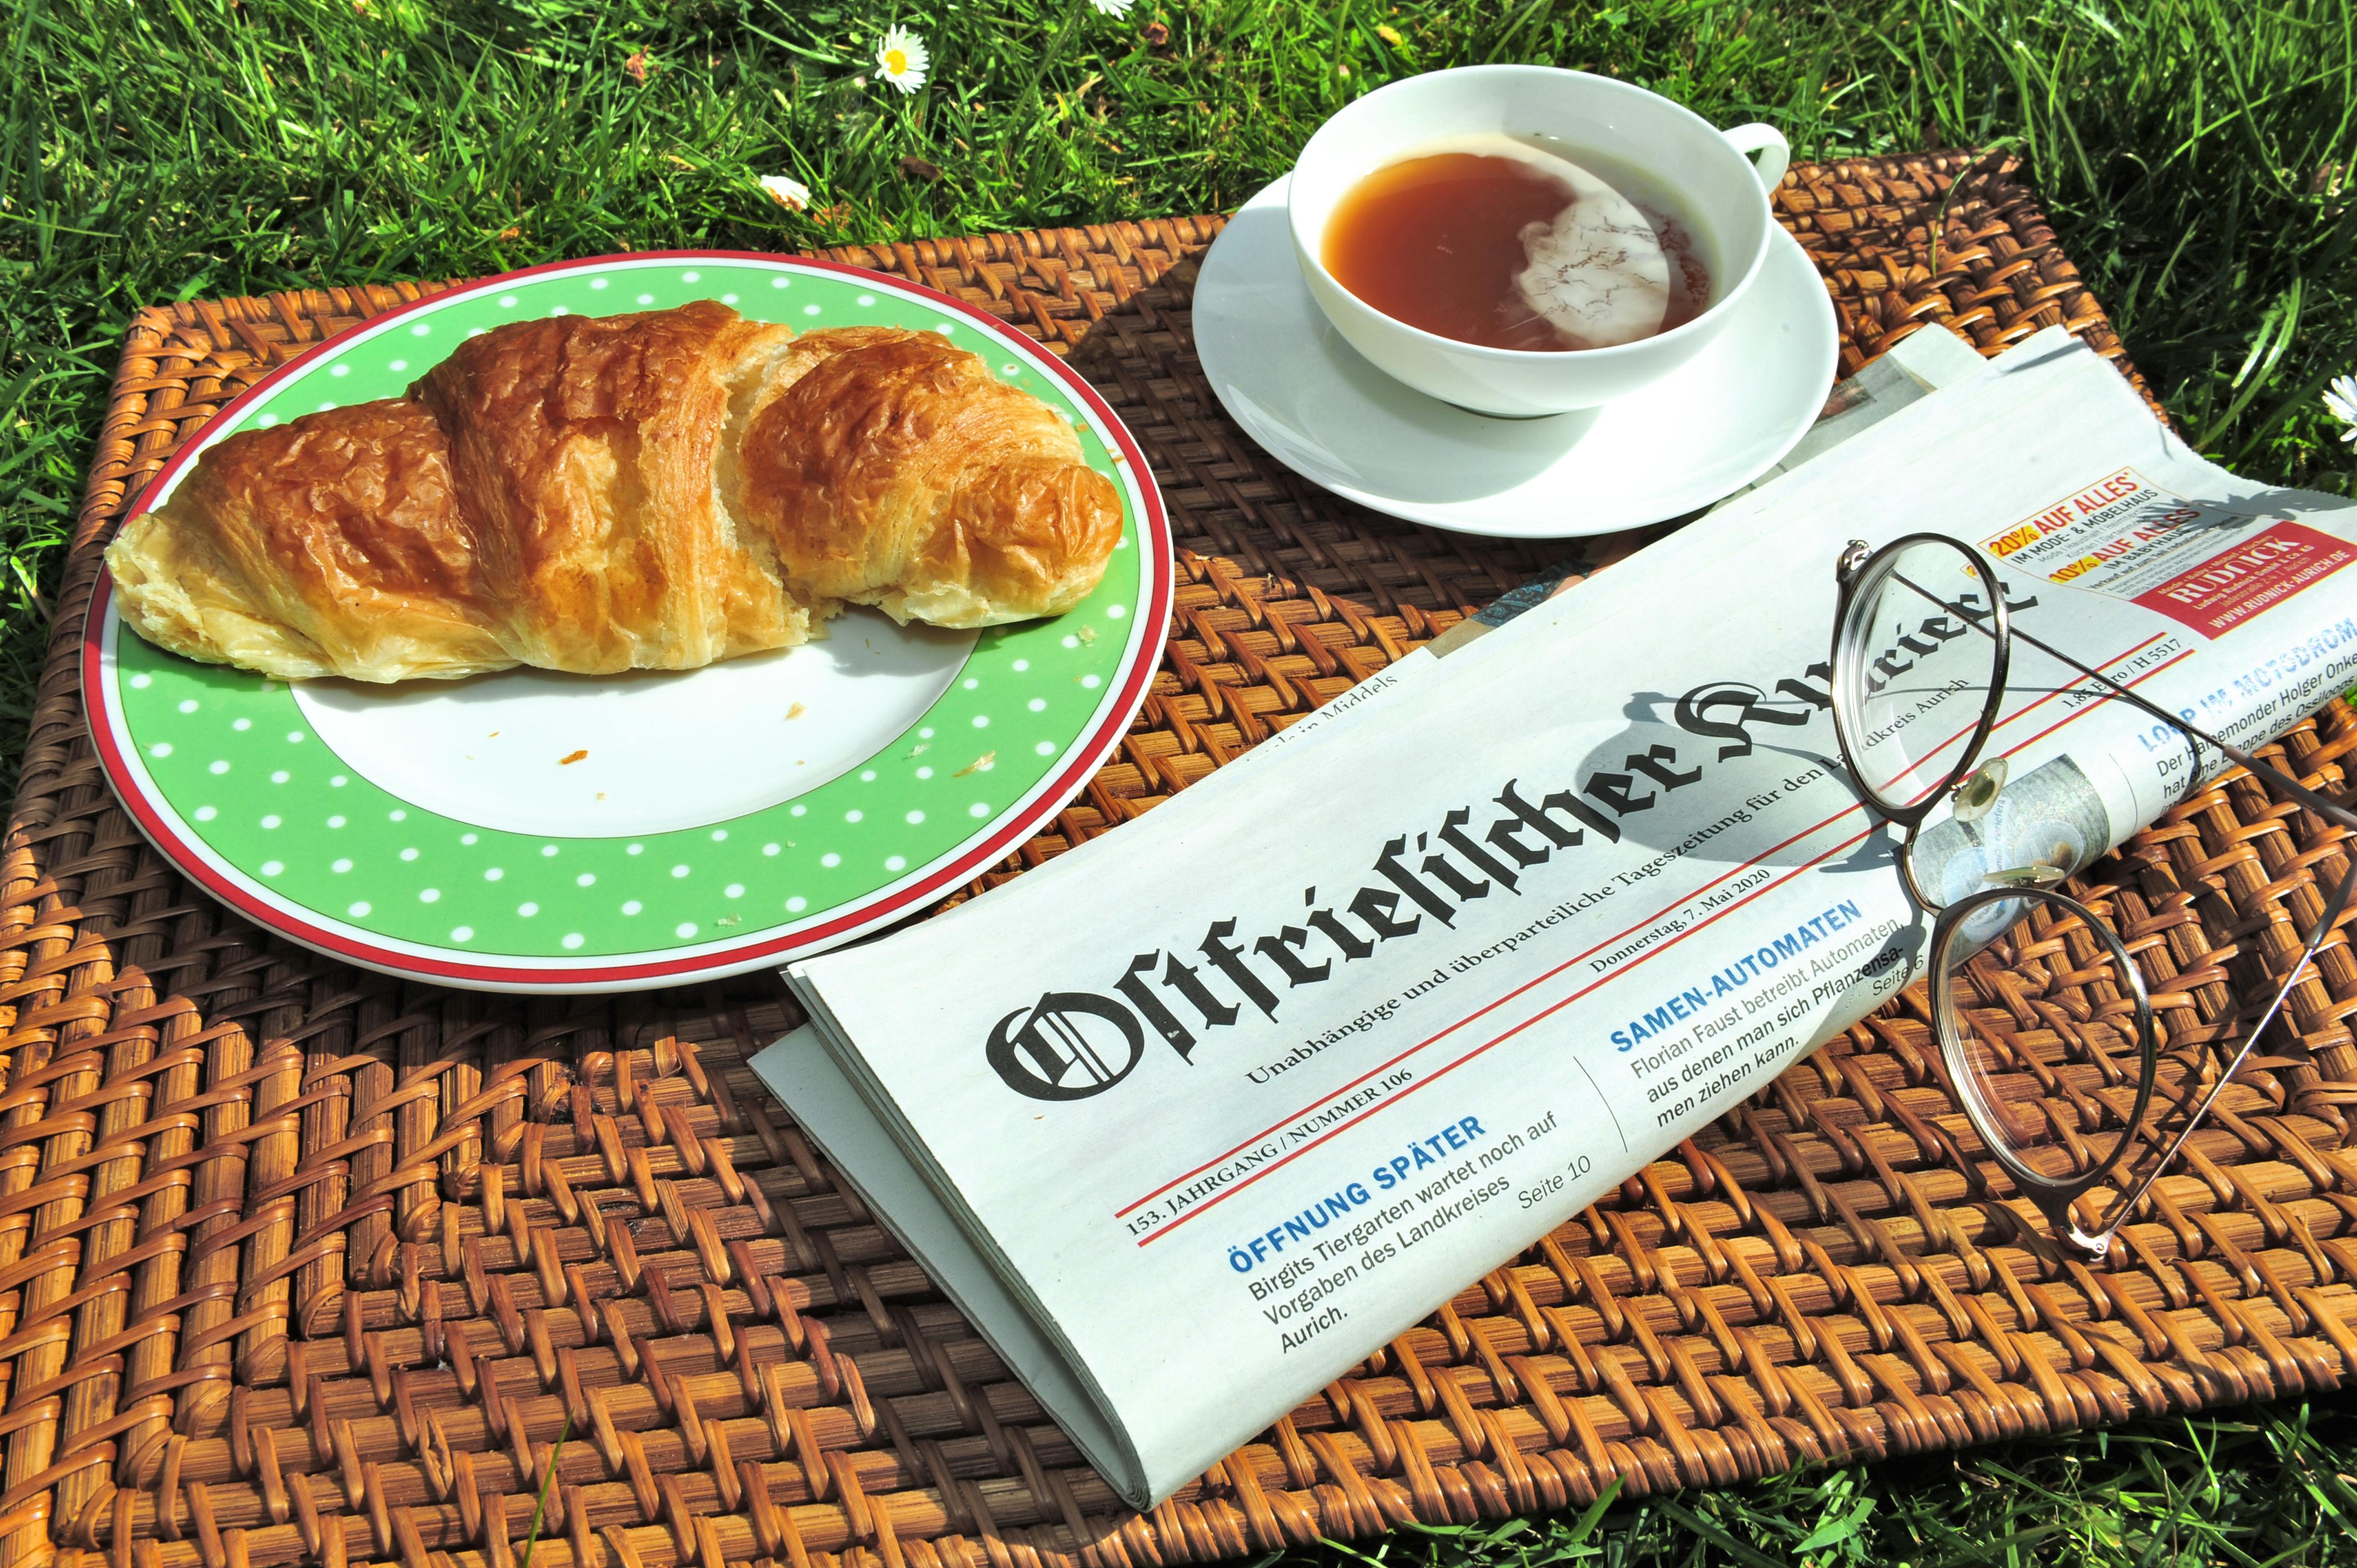 Zeitung_070520_ubr_04siehtdochgutaus.jpg – SKN Mediengruppe